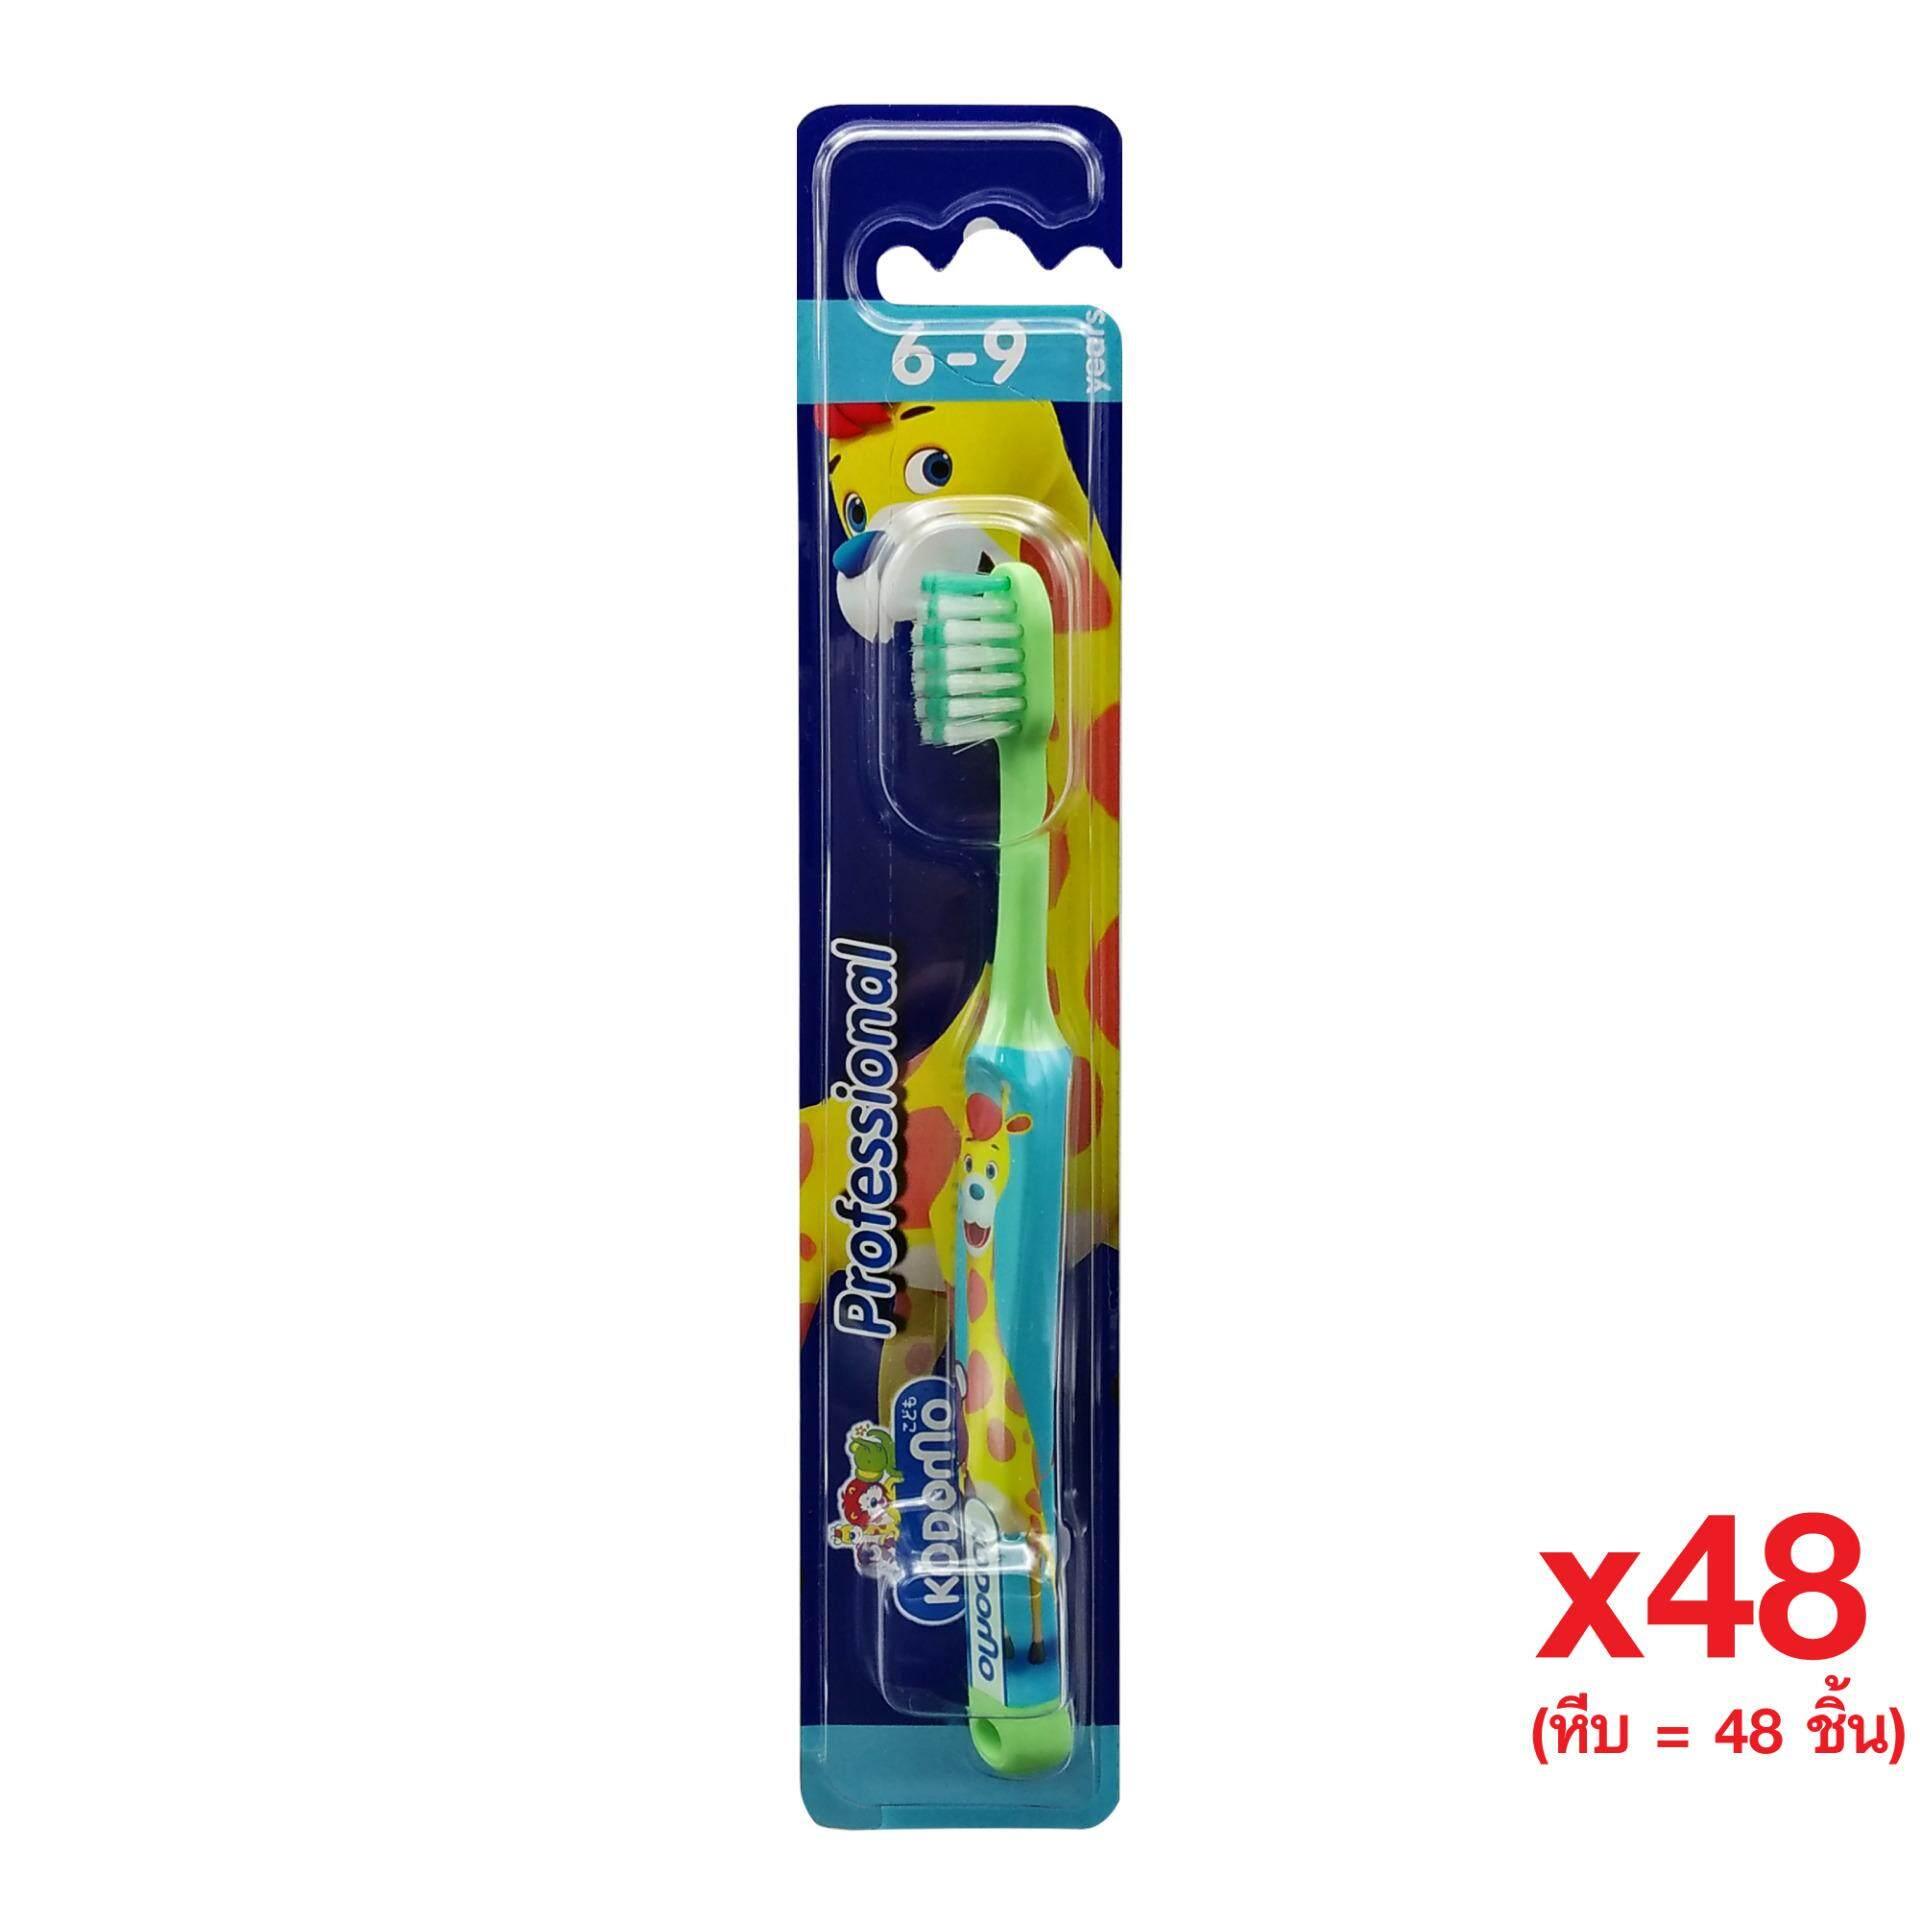 KODOMO แปรงสีฟันเด็ก โคโดโม (โปรเฟสชั่นแนล) 6-9 ปี (ซื้อยกหีบ 48 ด้าม) (คละสี)